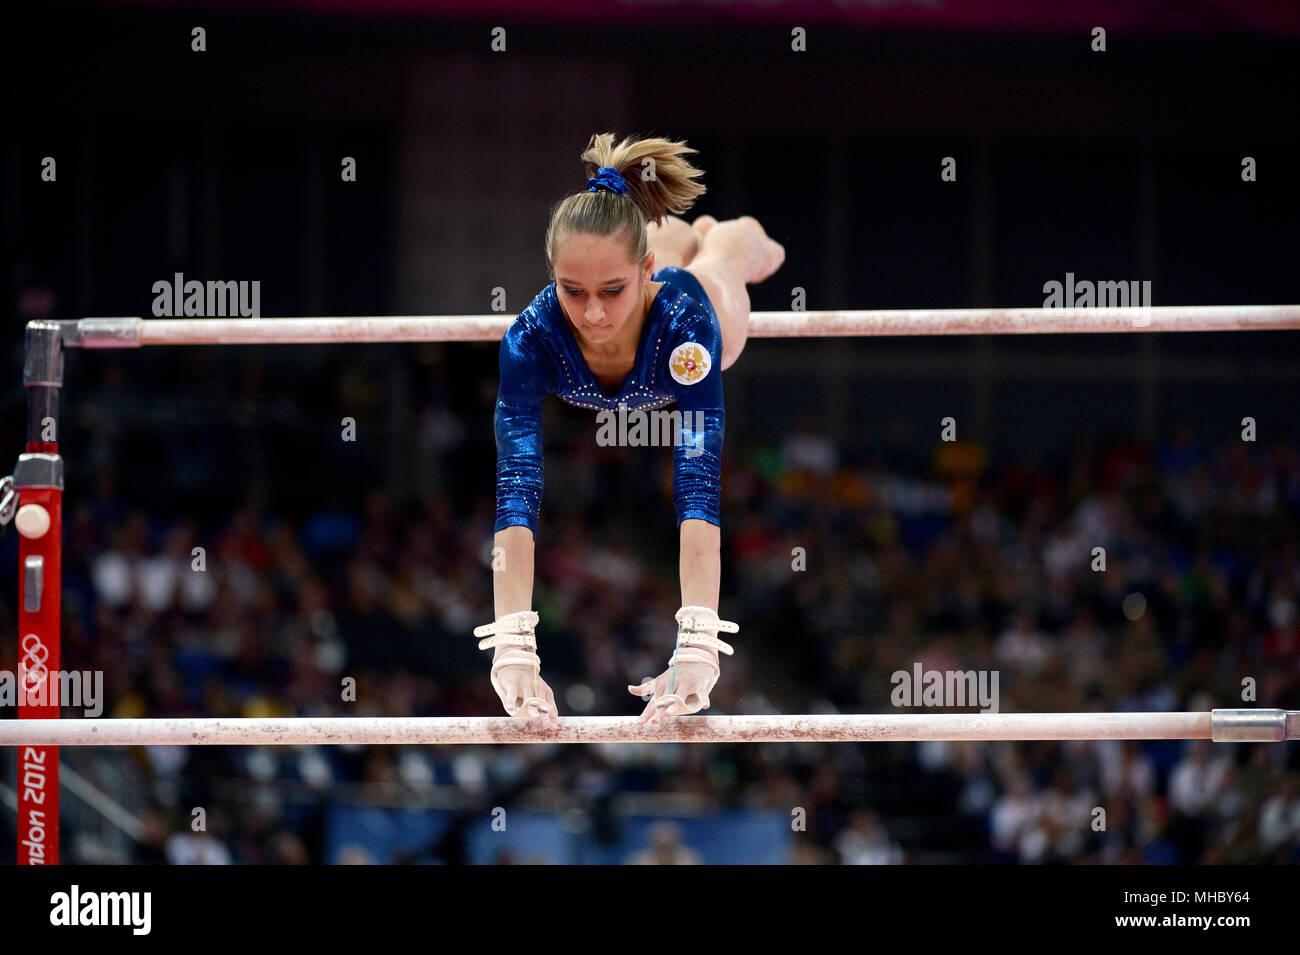 Victoria Komova della Russia esegue sulla sconnessa barre parallele durante la donna tutti intorno a concorrenza di ginnastica, in cui ha vinto la medaglia d'argento. Immagini Stock